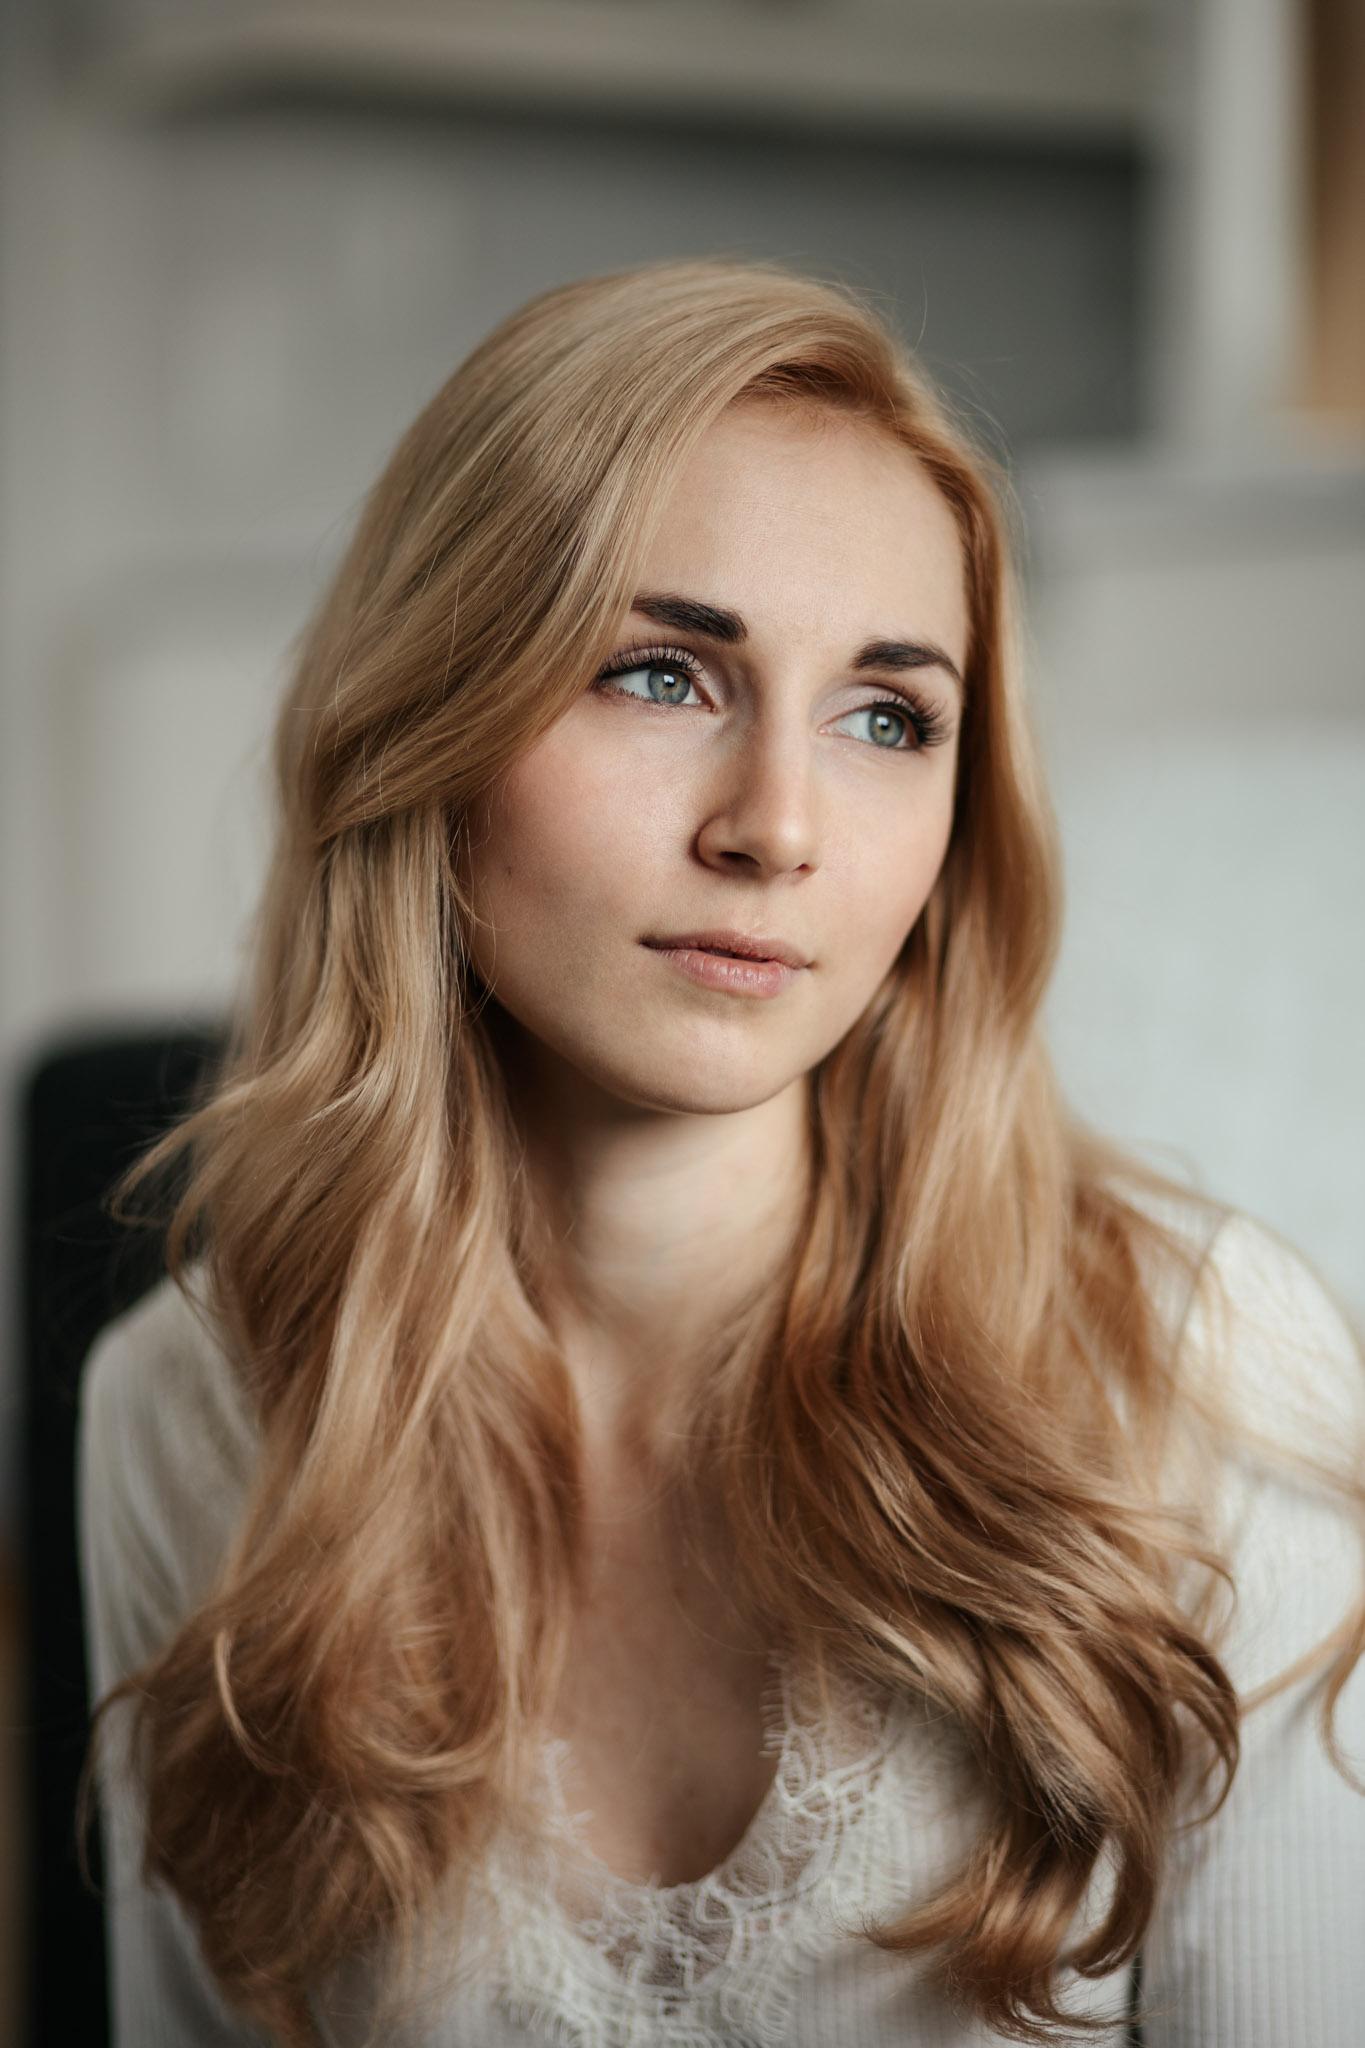 Vaaleahiuksinen nainen katsoo kaukaisuuteen.